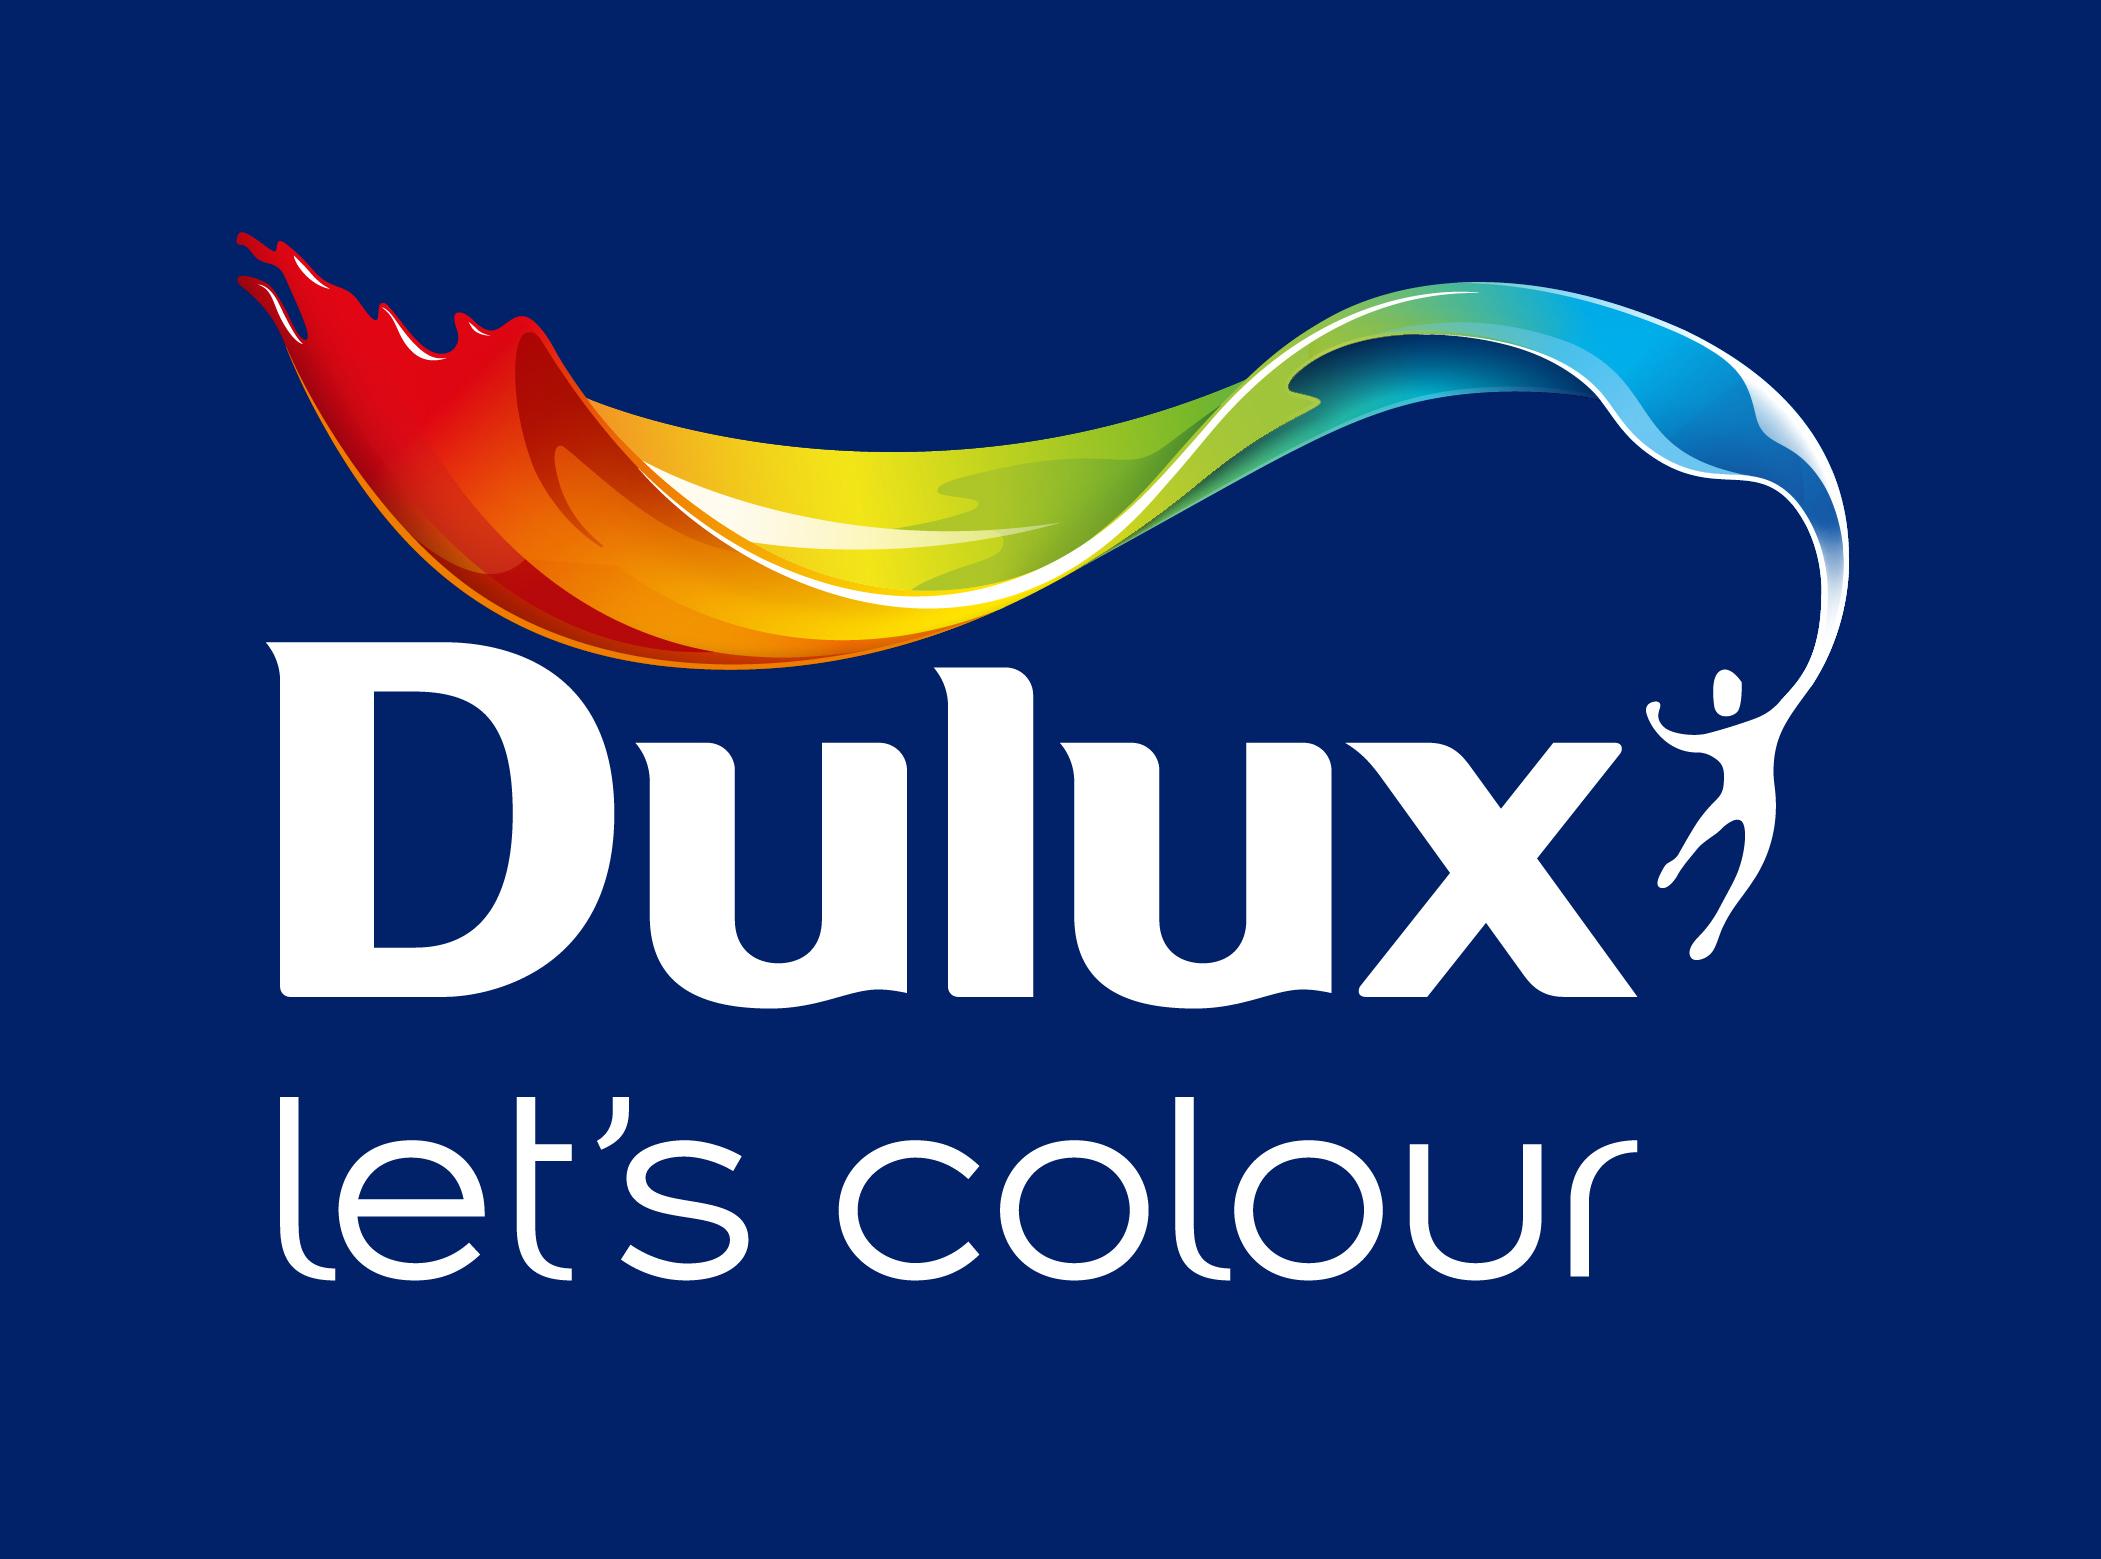 Dulux-Lets-Colour